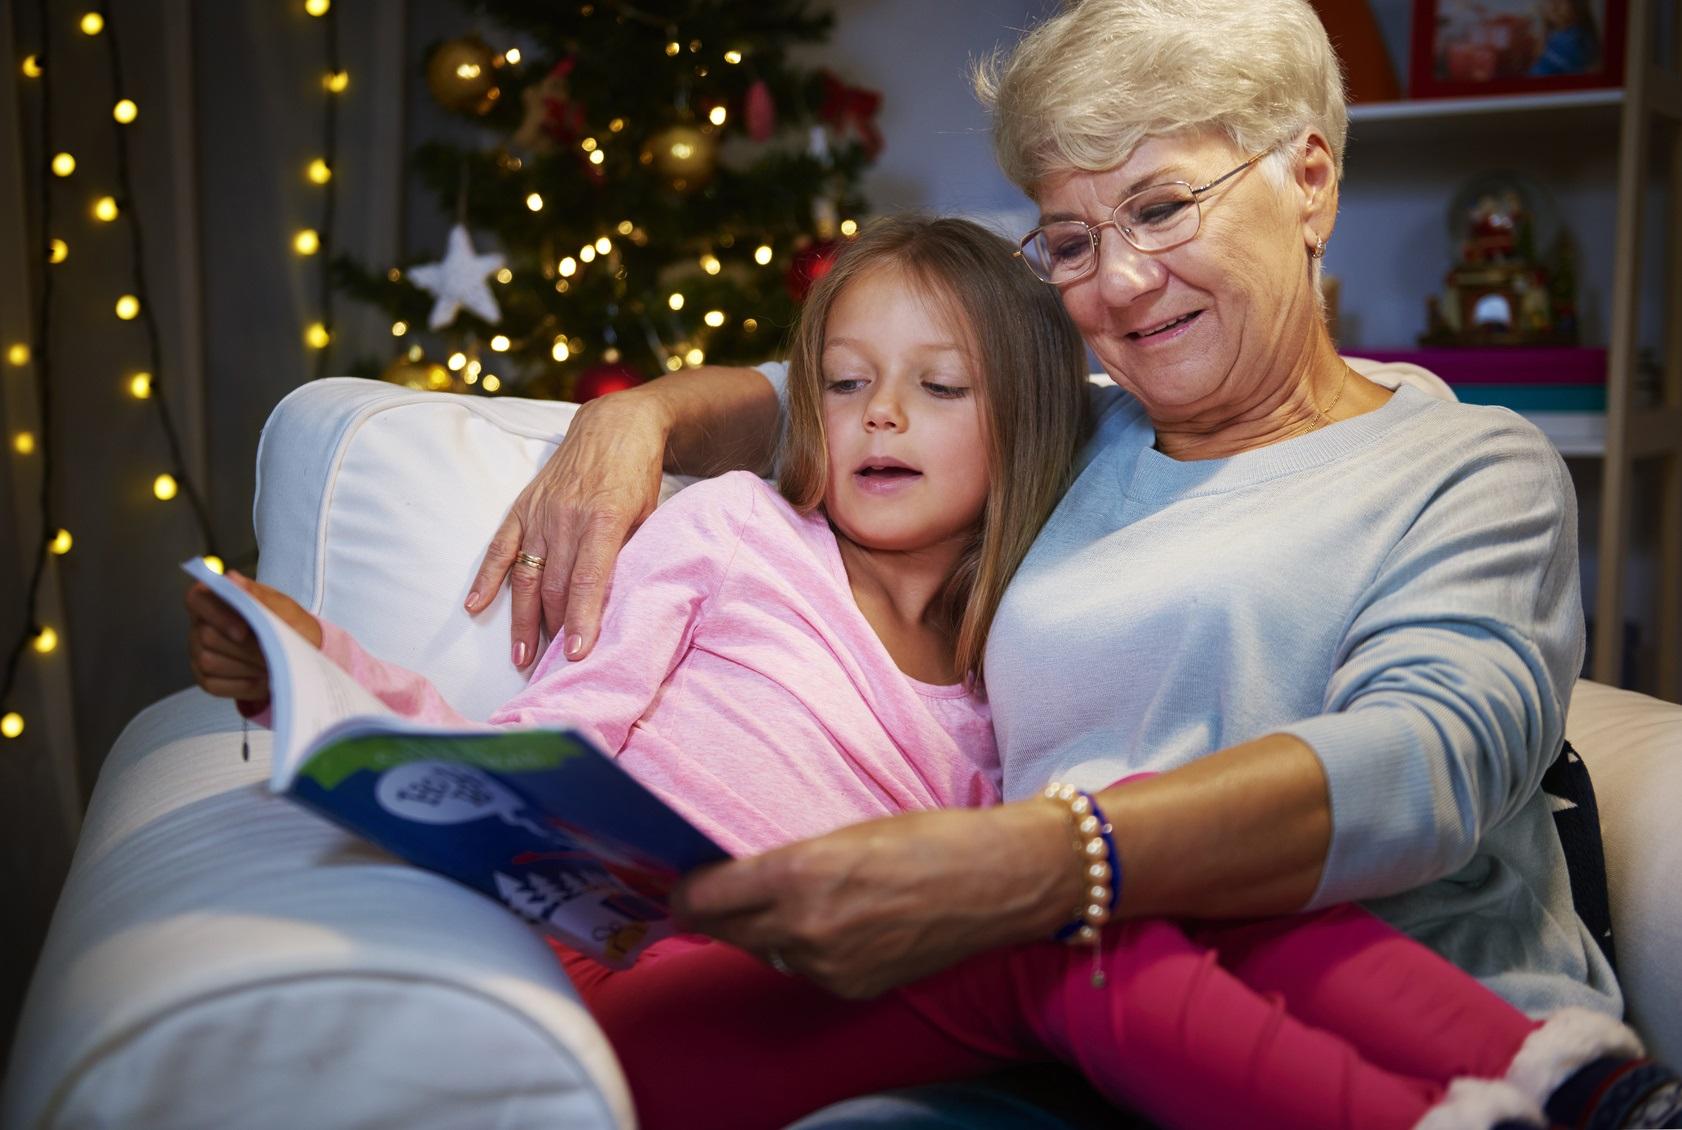 Abuelo con su nieta porke ella no le tiene confianza - 2 part 6